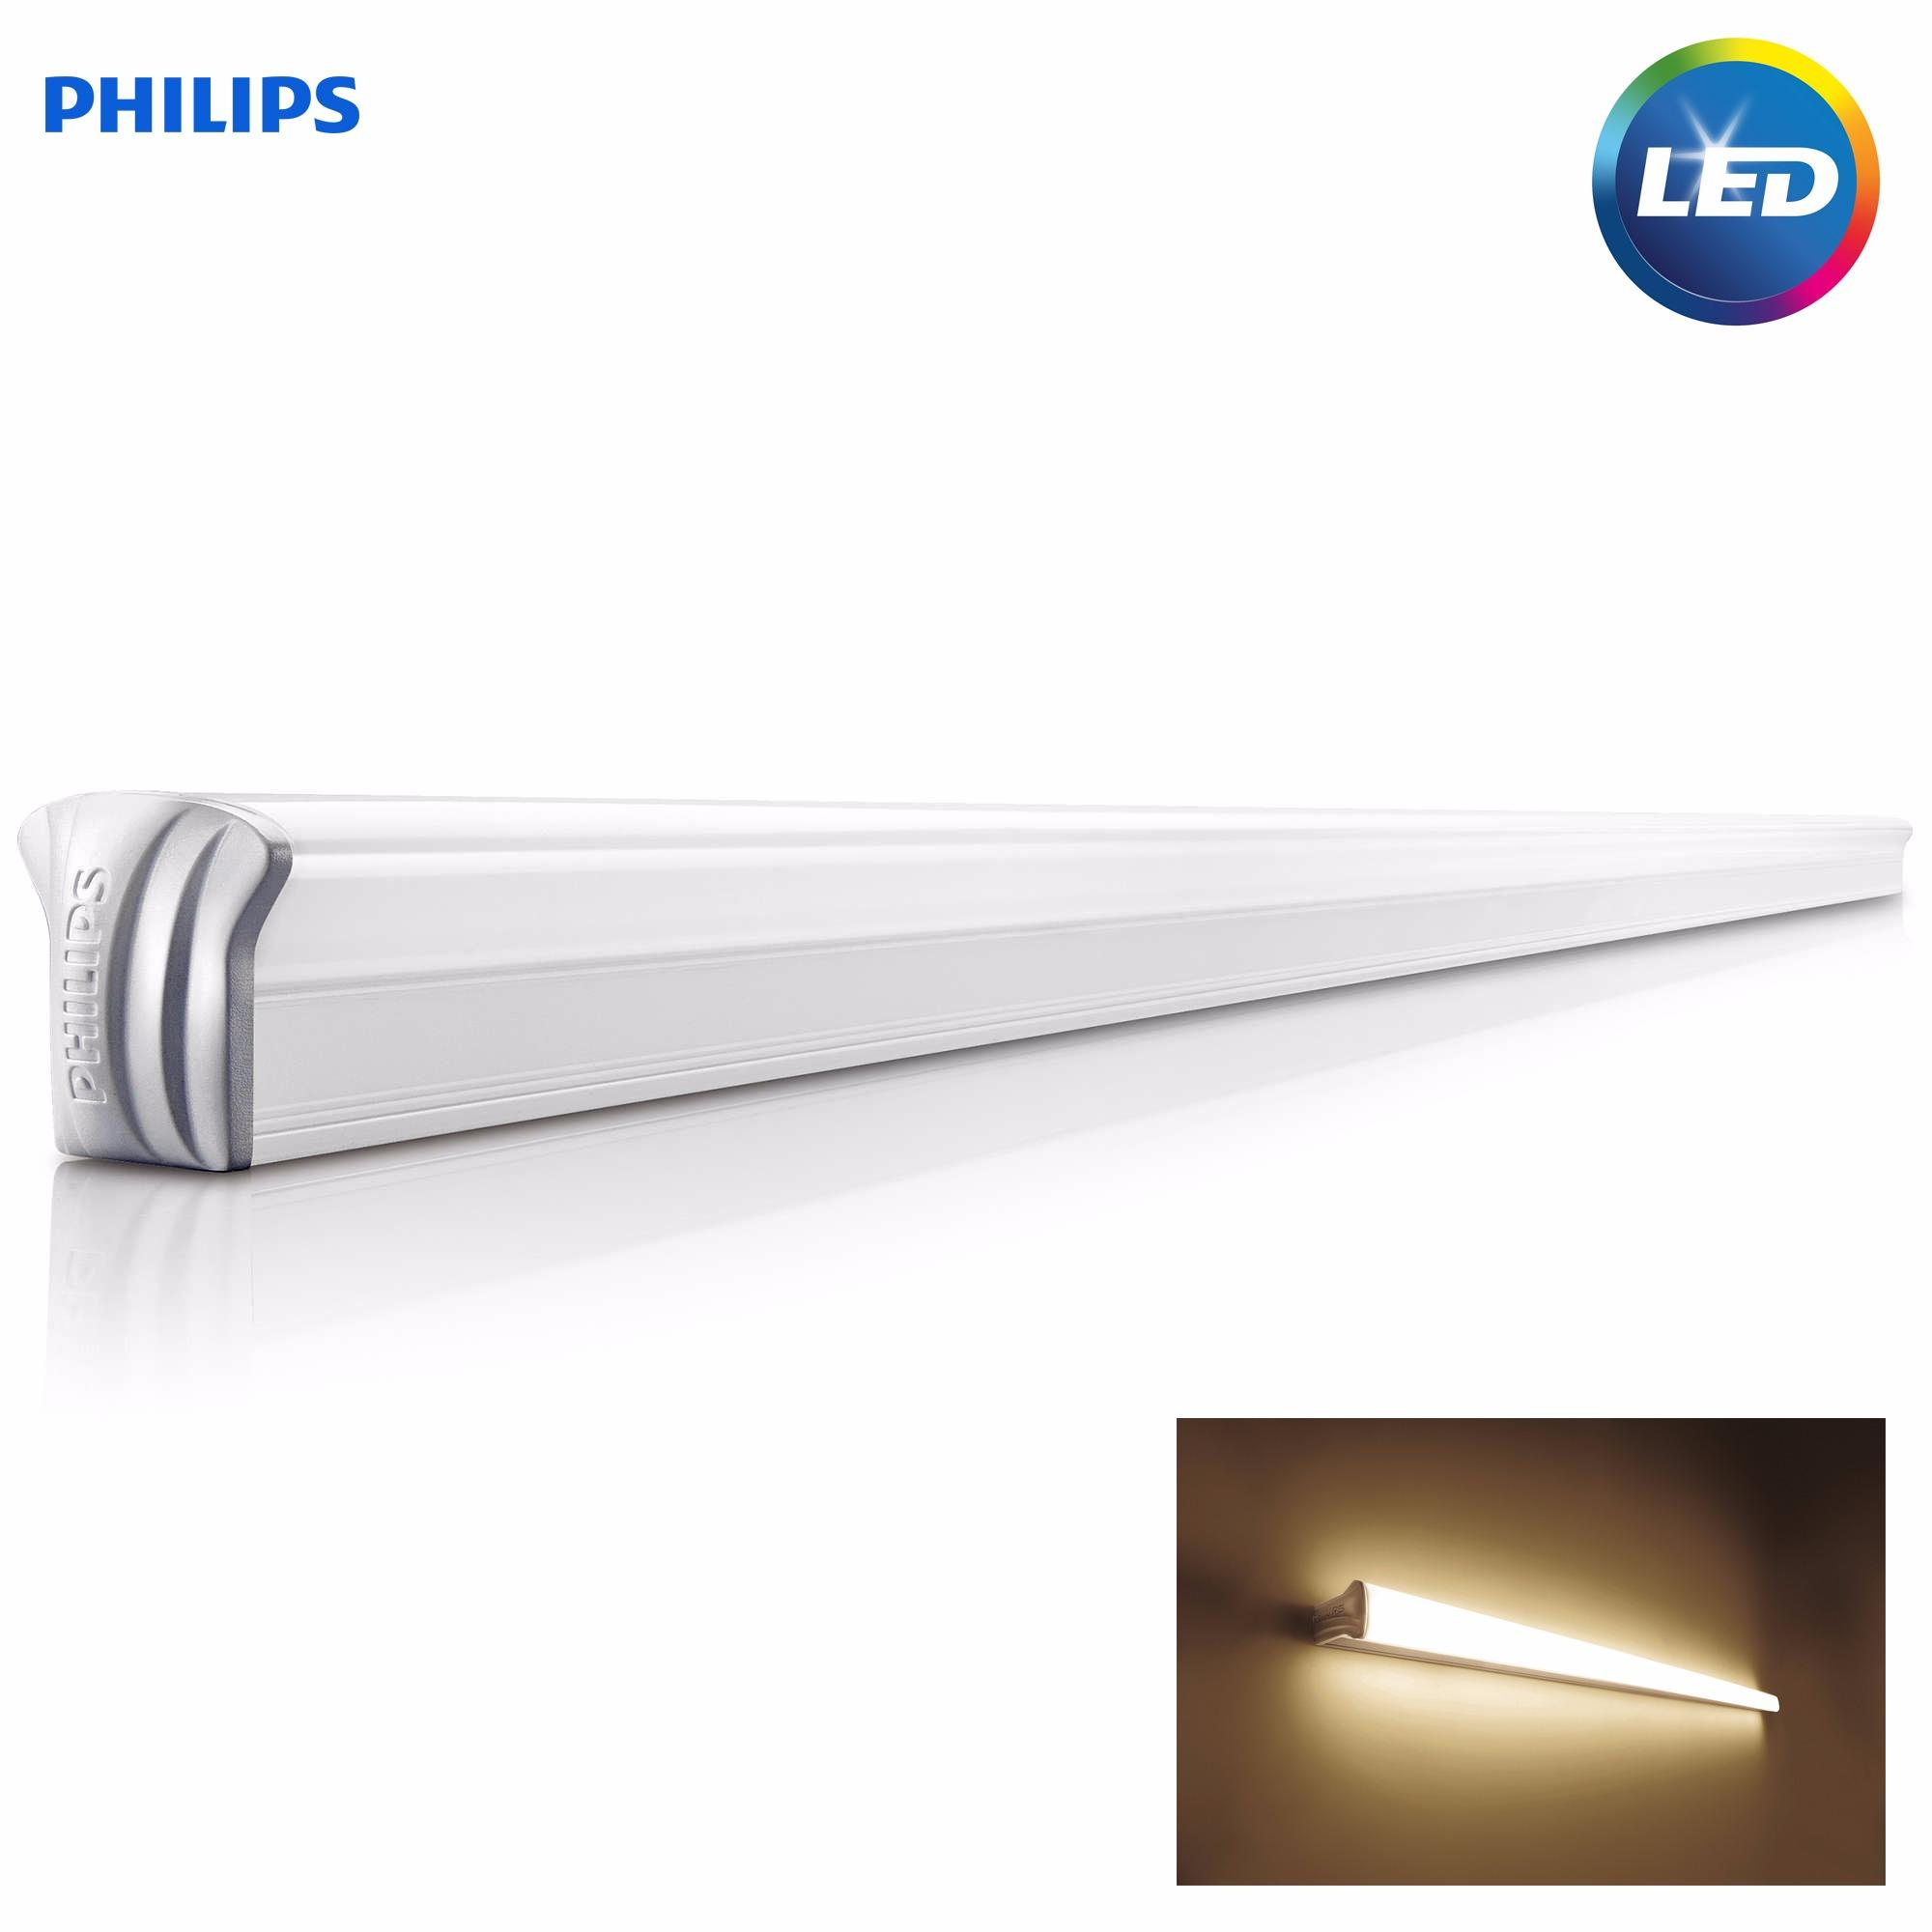 Đèn tường LED Philips Shellline 31173 10W 3000K (Ánh sáng vàng)